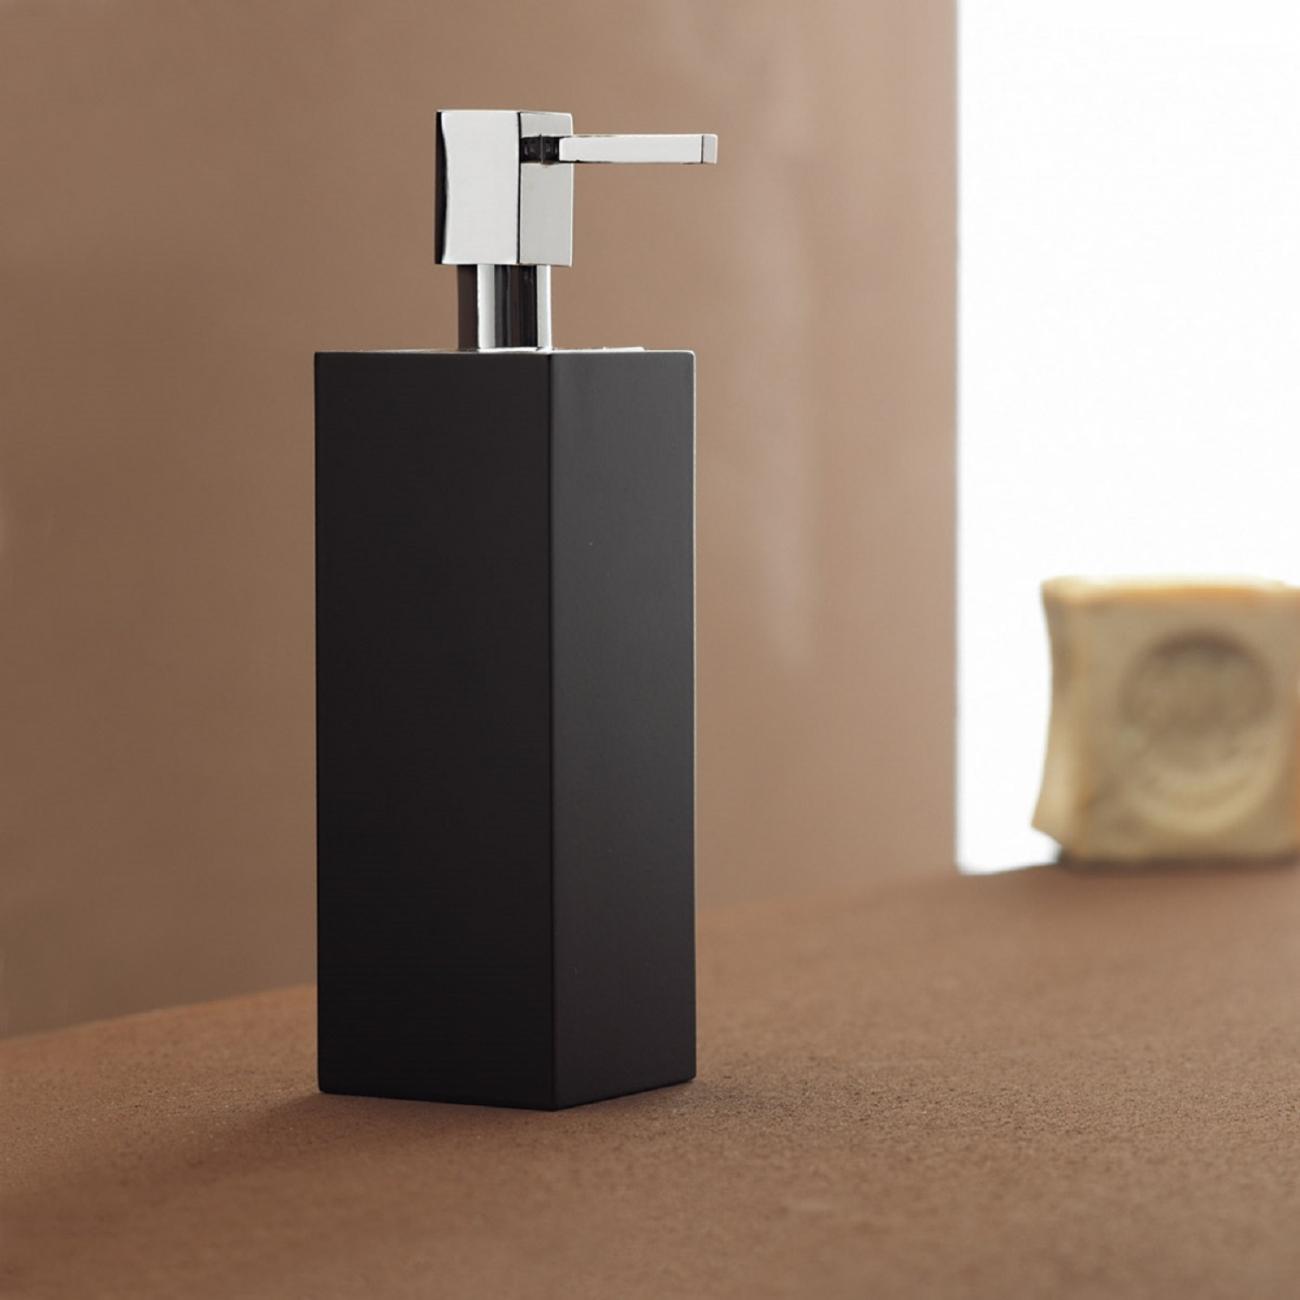 Capannoli teknika dispenser sapone appoggio tattahome - Capannoli accessori bagno ...